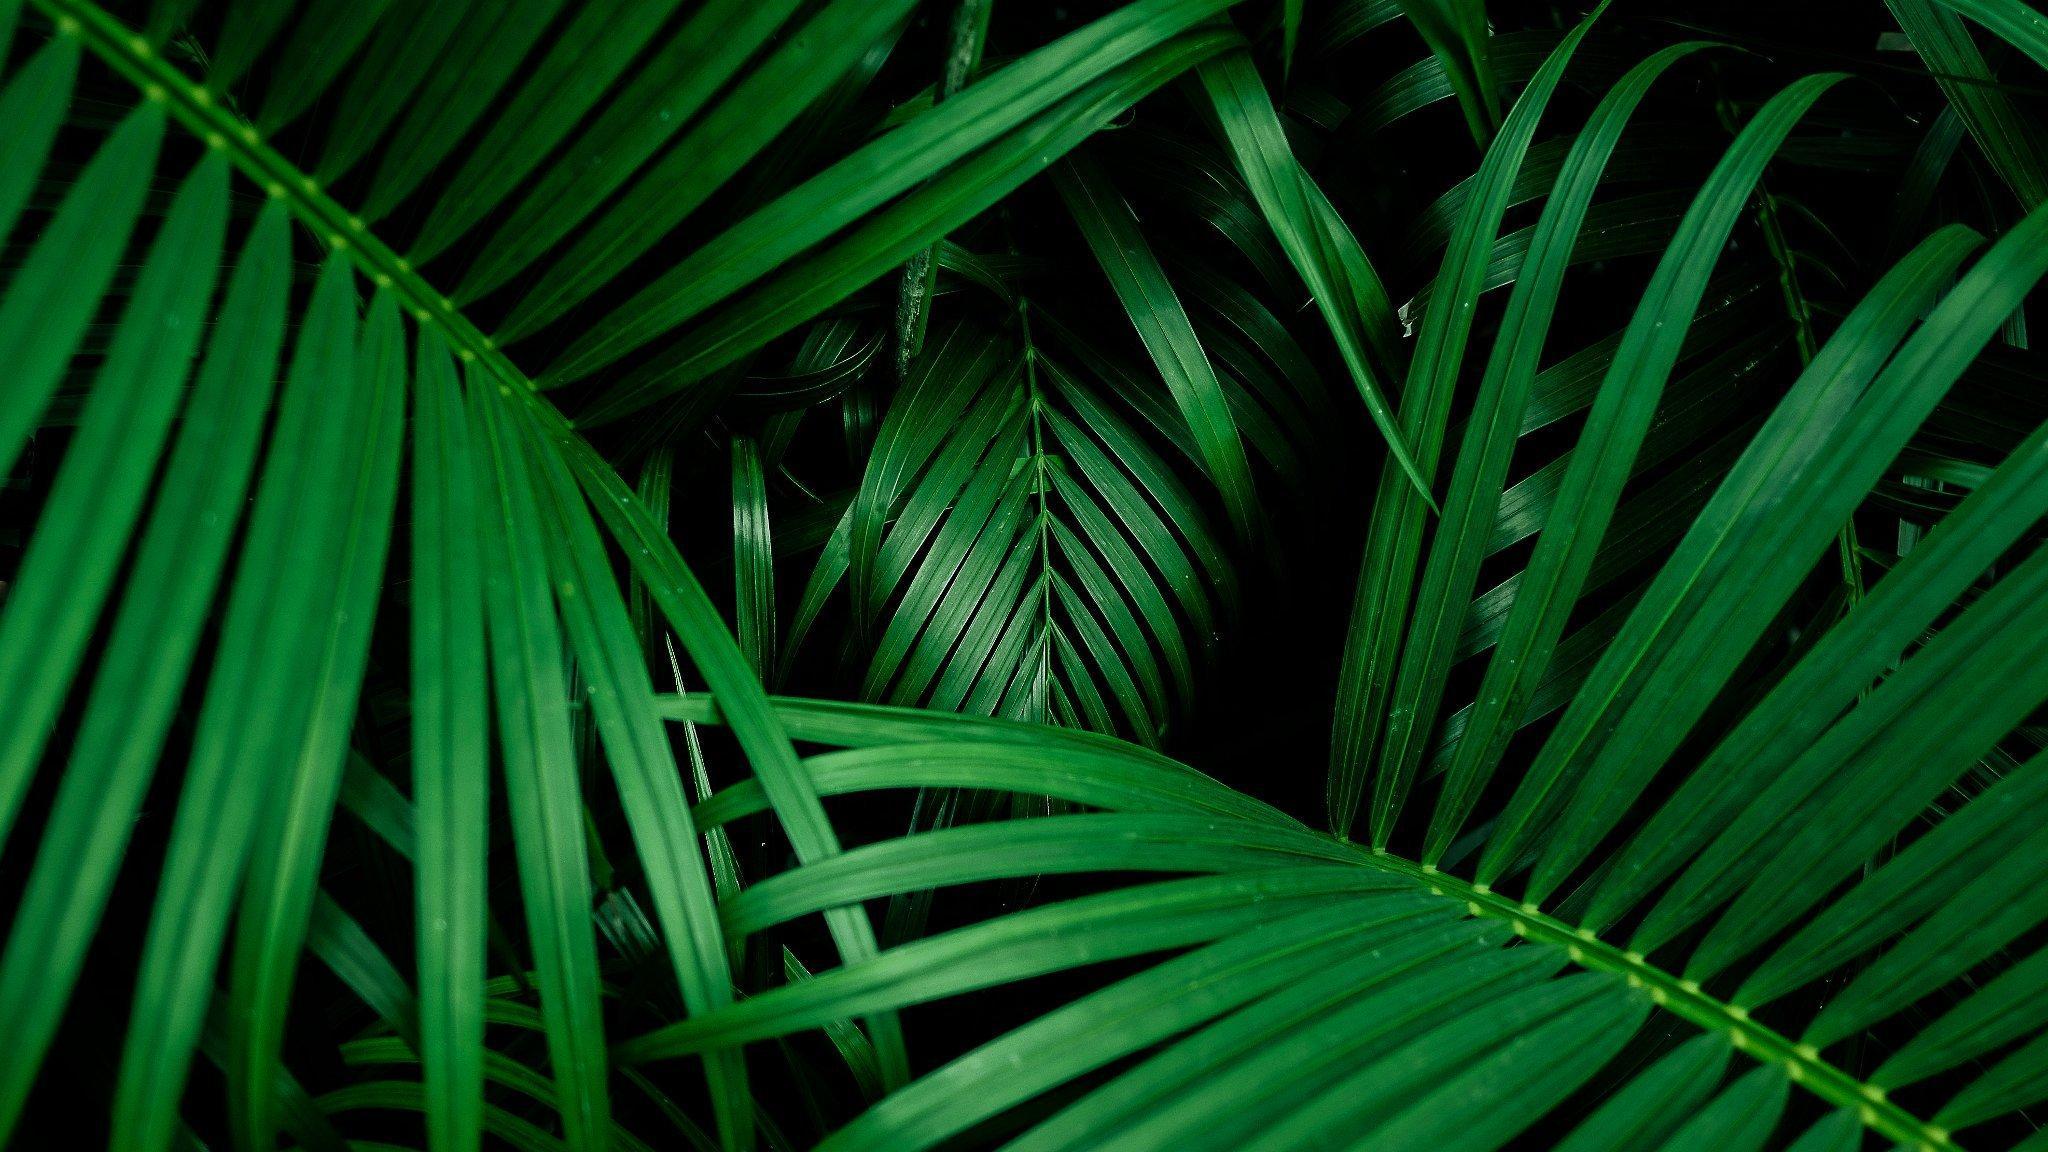 Bild von Schilfpflanzen